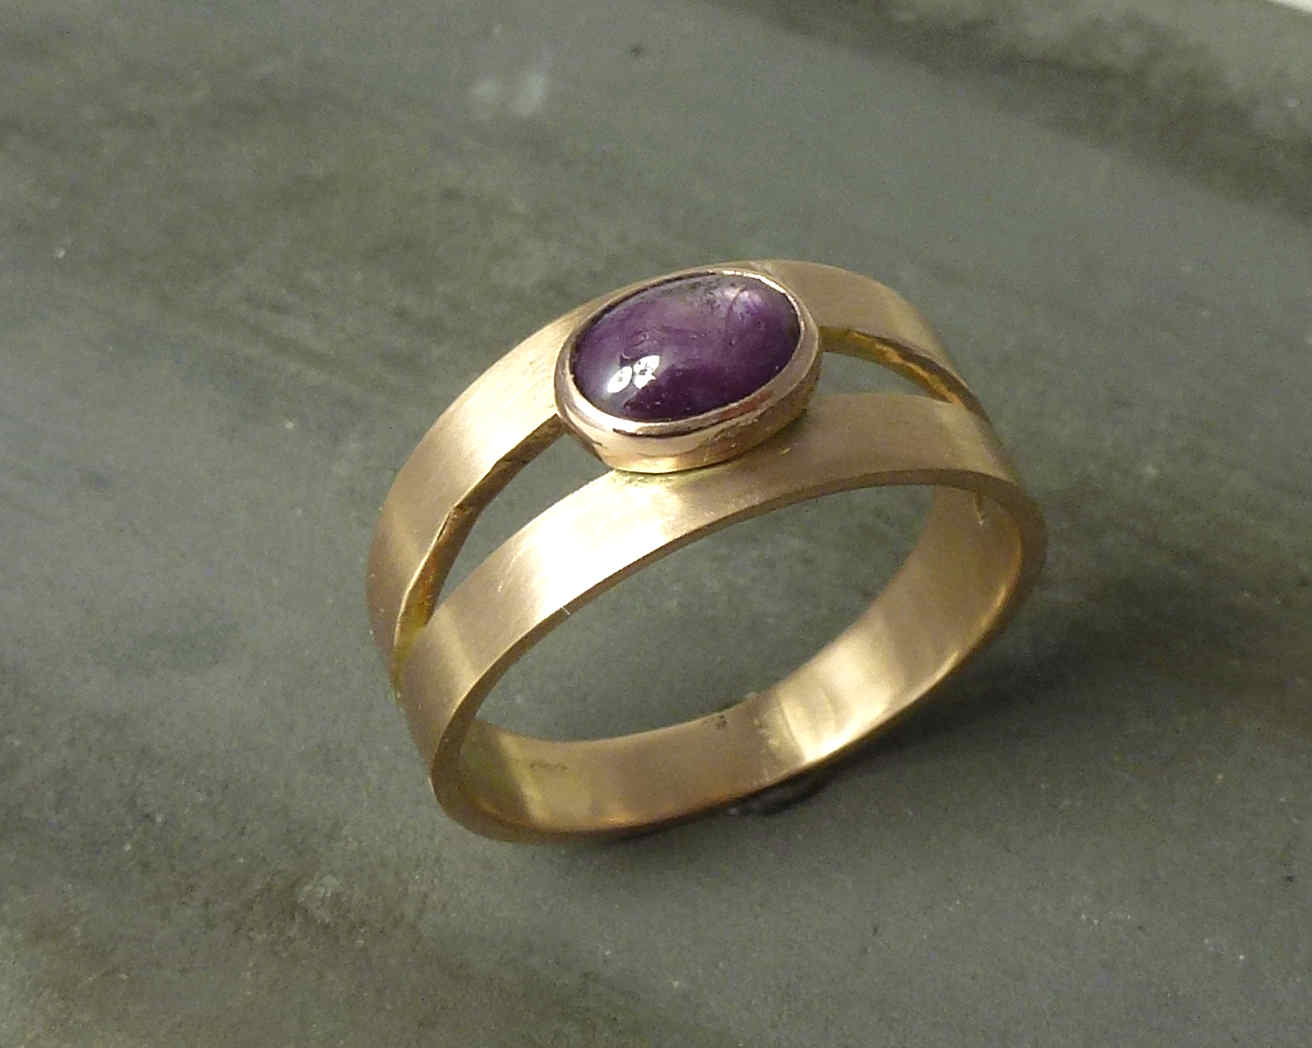 Ring Sterrobijn en roodgoud, in opdracht gemaakt van twee trouwringen